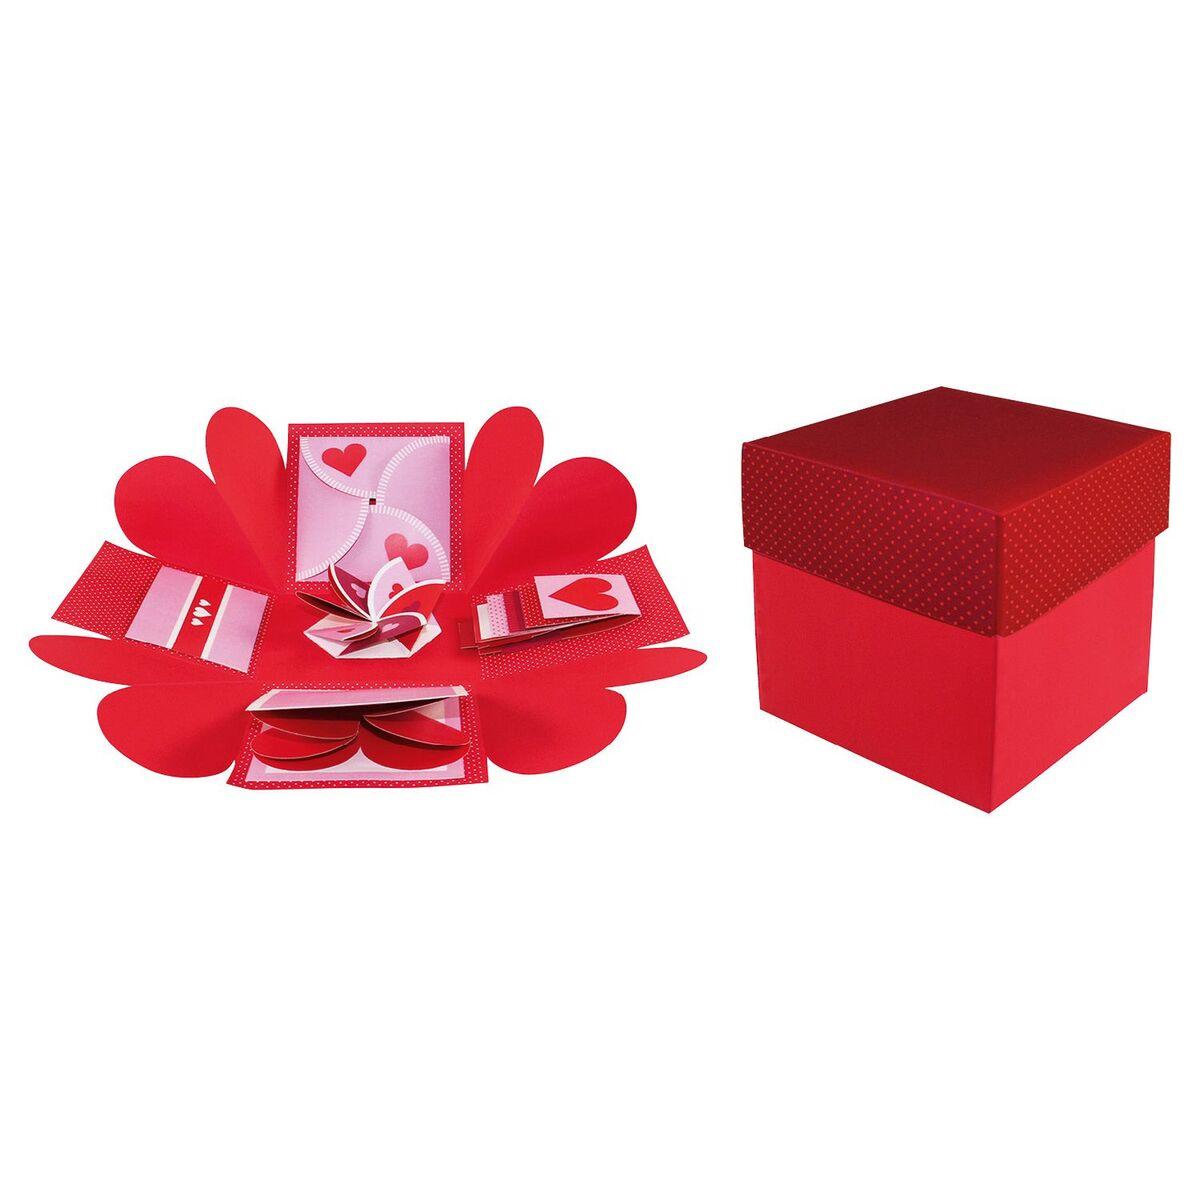 Bild 3 von CASA Deco DIY Explosions-Geschenkbox